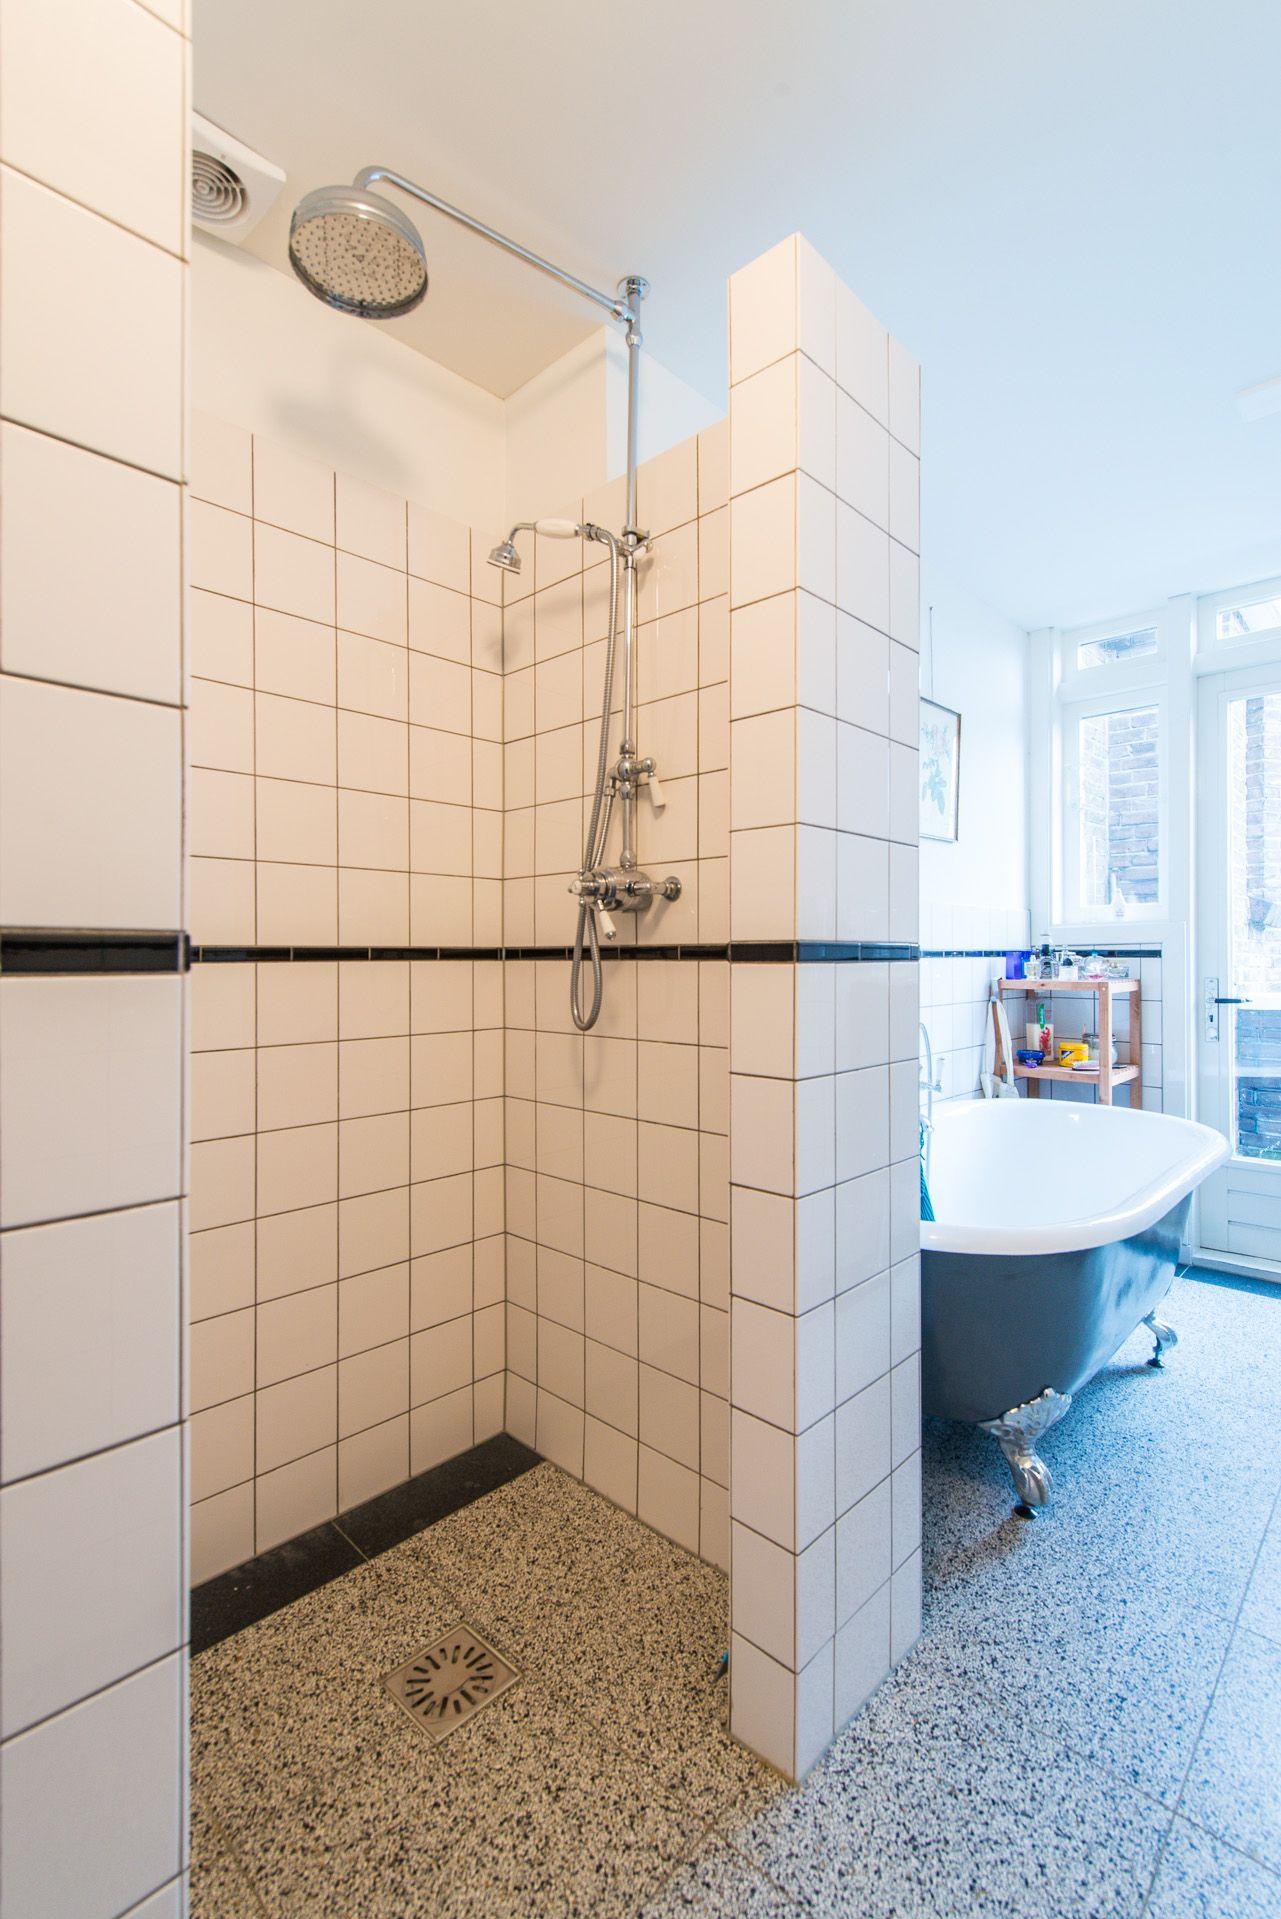 Genoeg Jaren '30 | Badkamer in 2018 | Pinterest | Bathroom, Toilet and Bath &WR29